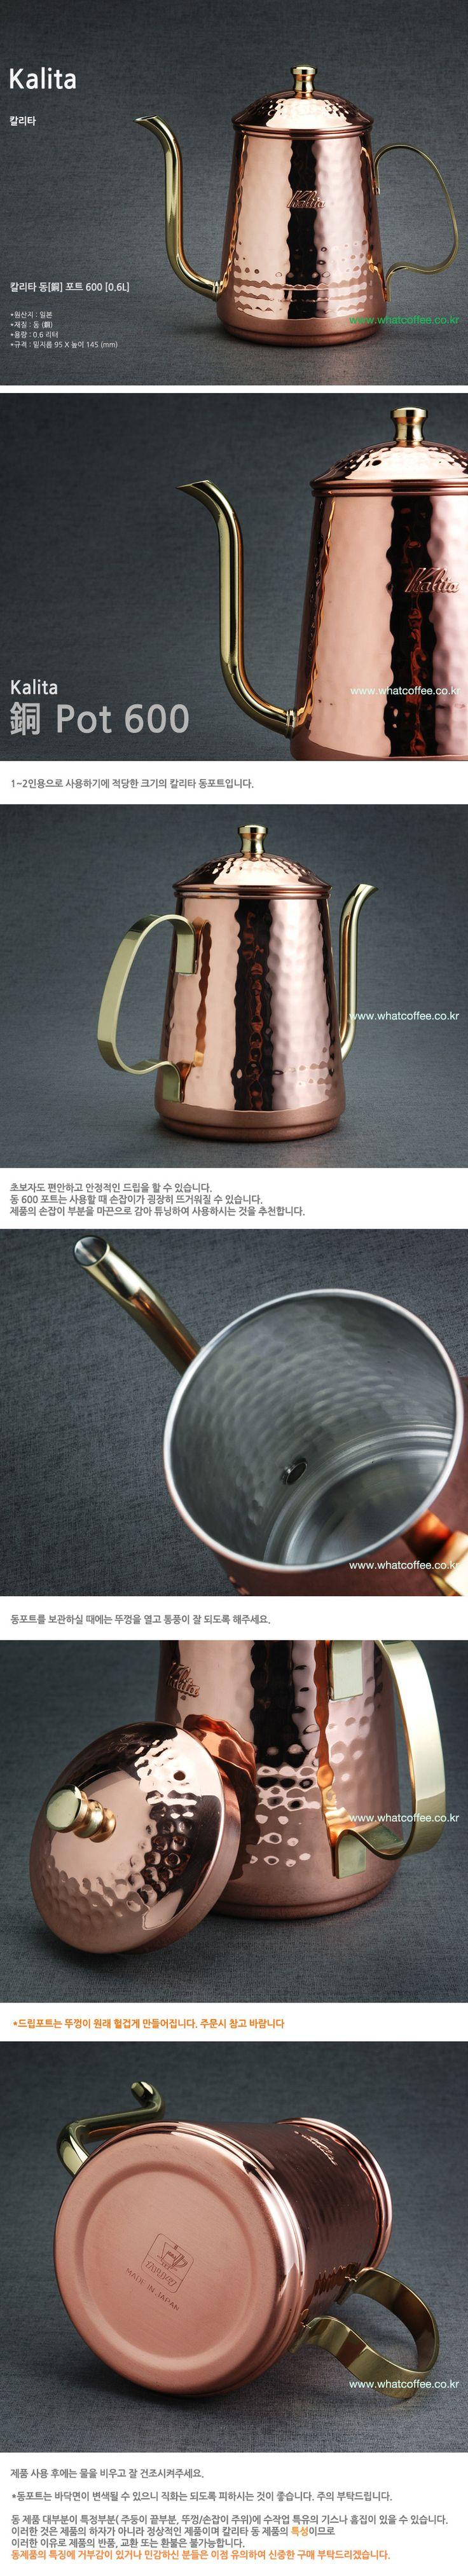 [30%할인]칼리타 드립 동(銅) 포트 0.6L - Whatcoffee.co.kr - 칼리타,비알레띠,보덤,모카포트,드립용품,킨토 ::